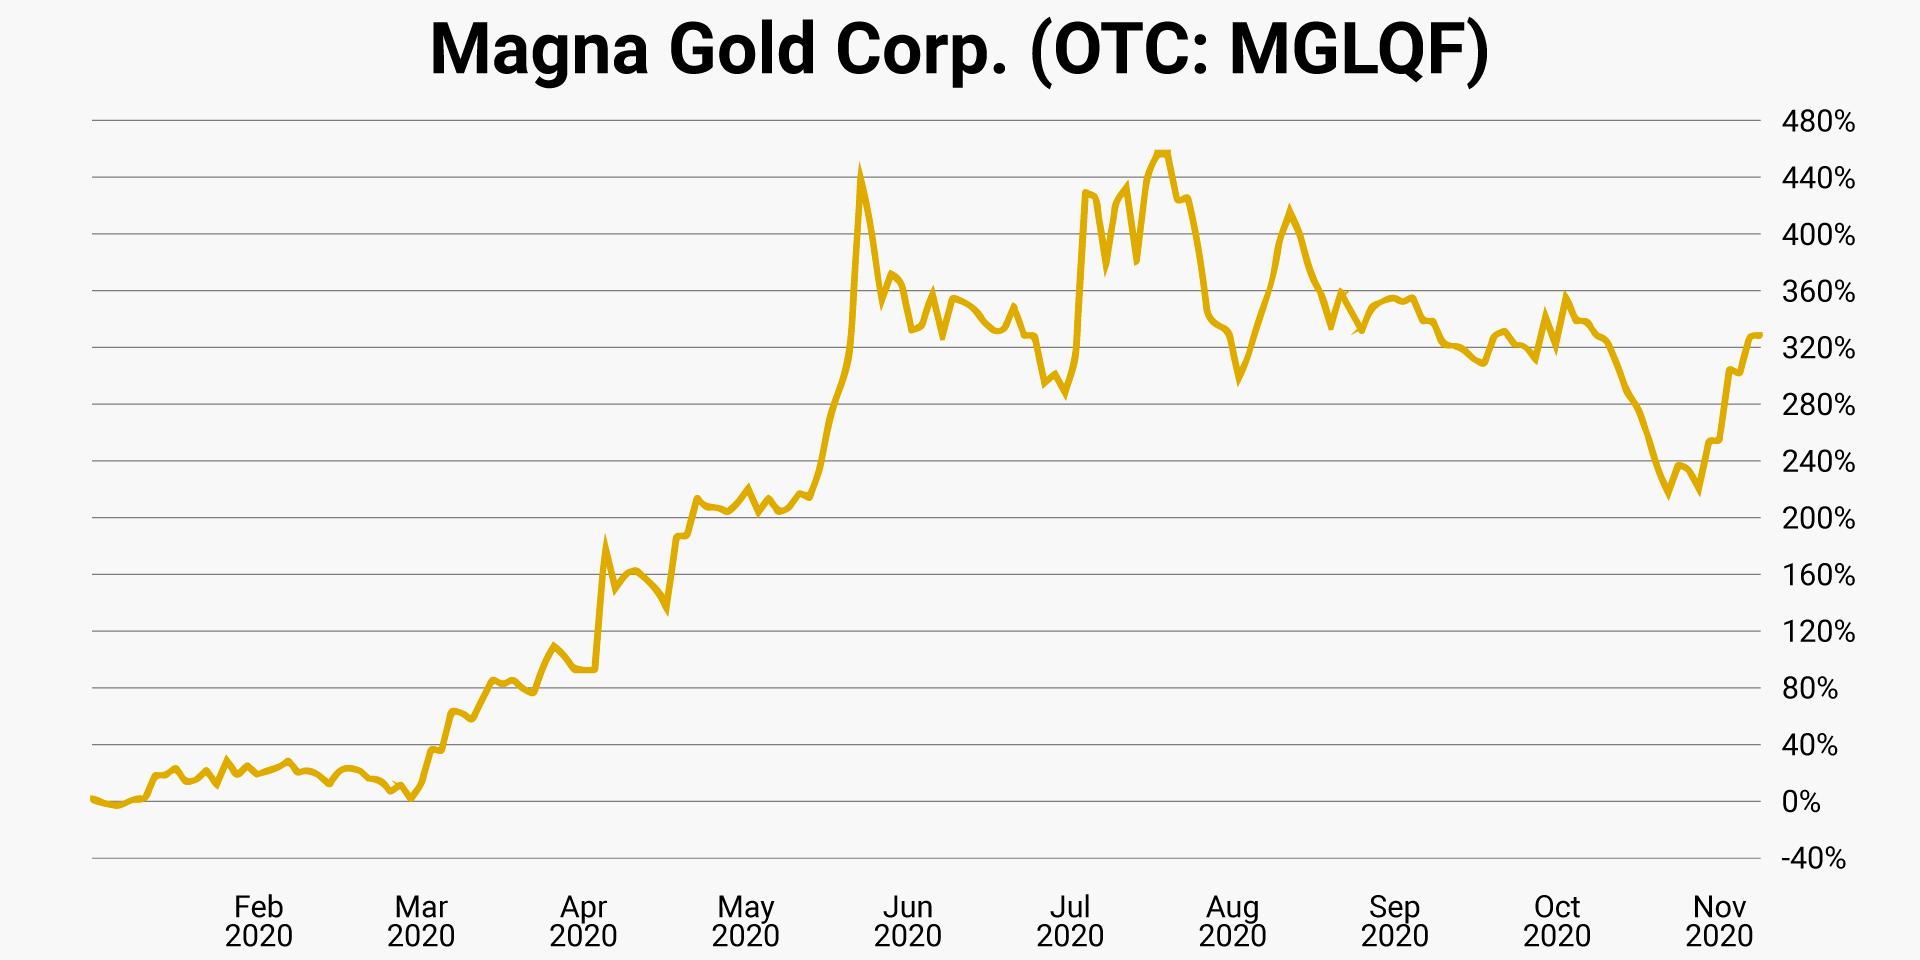 magna-gold-otc-mglqf